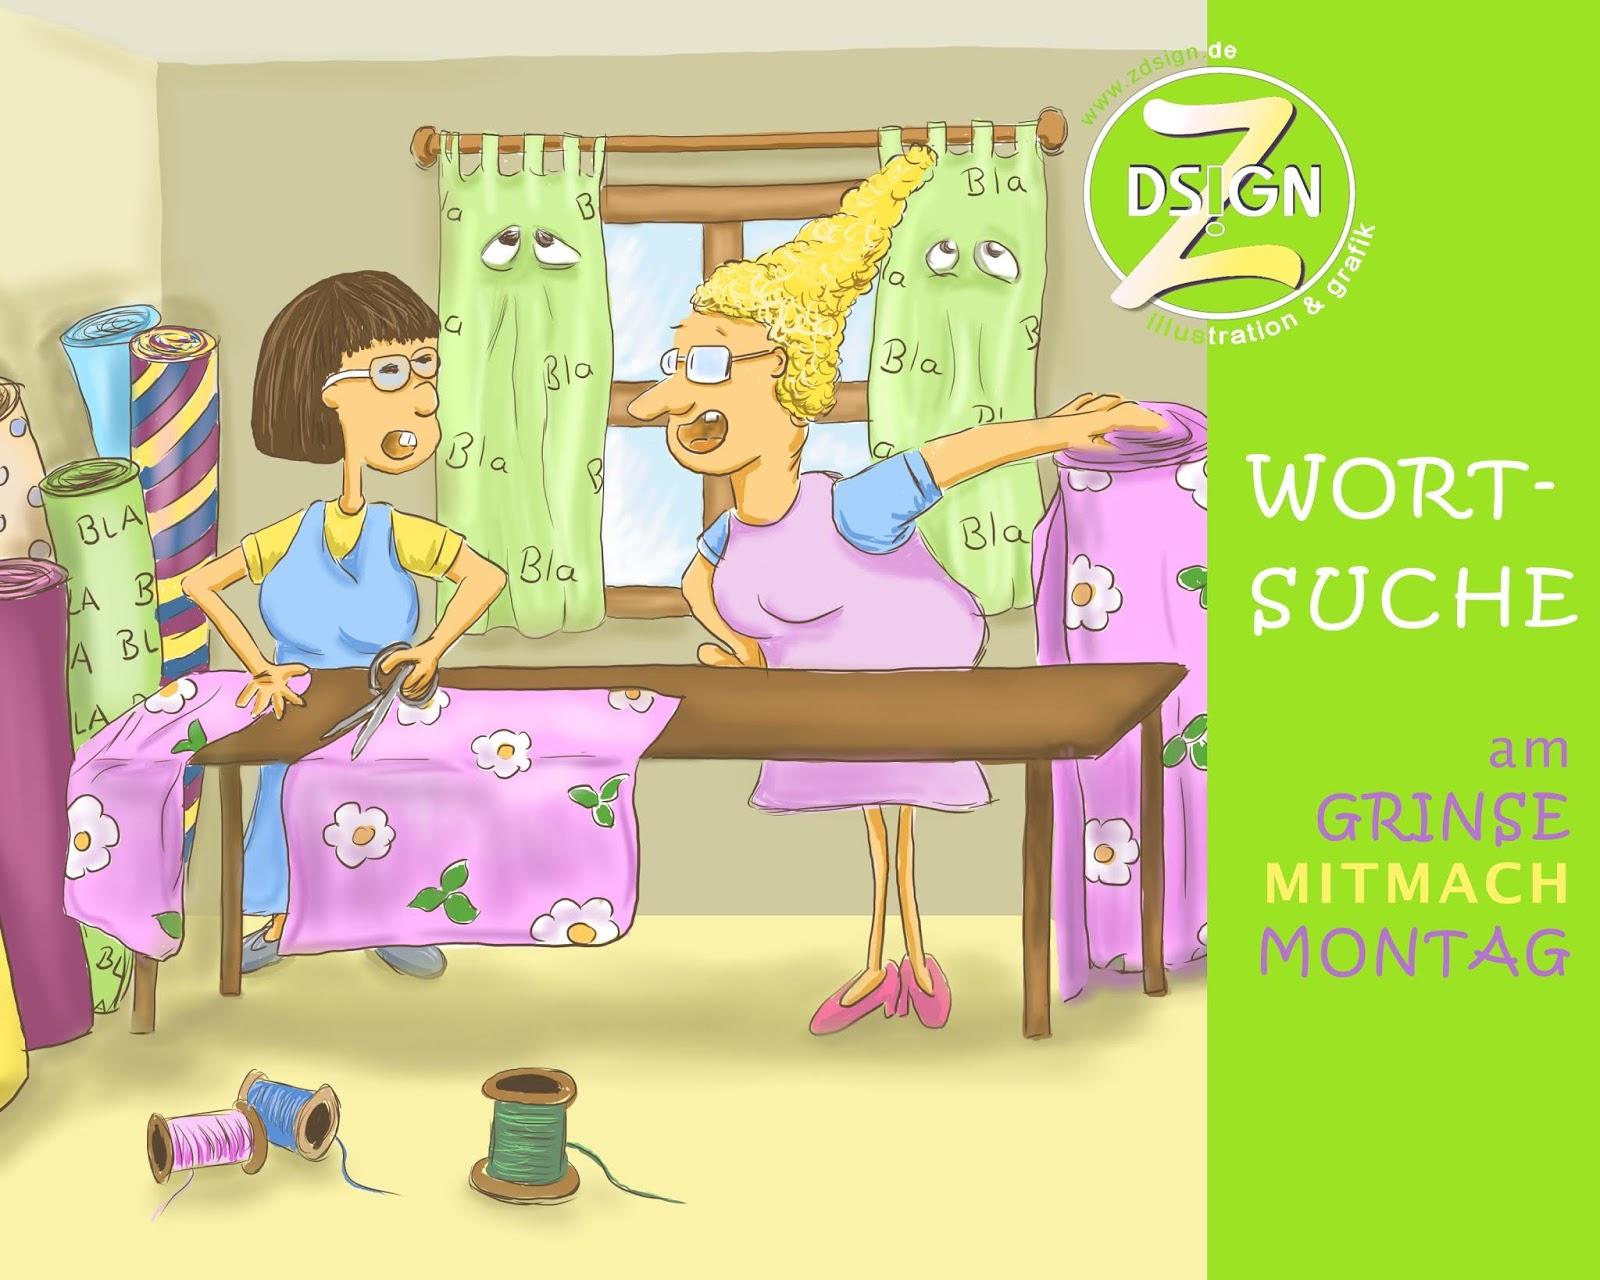 Gesprächsstoff-zdsign-iris-zeh-illustration